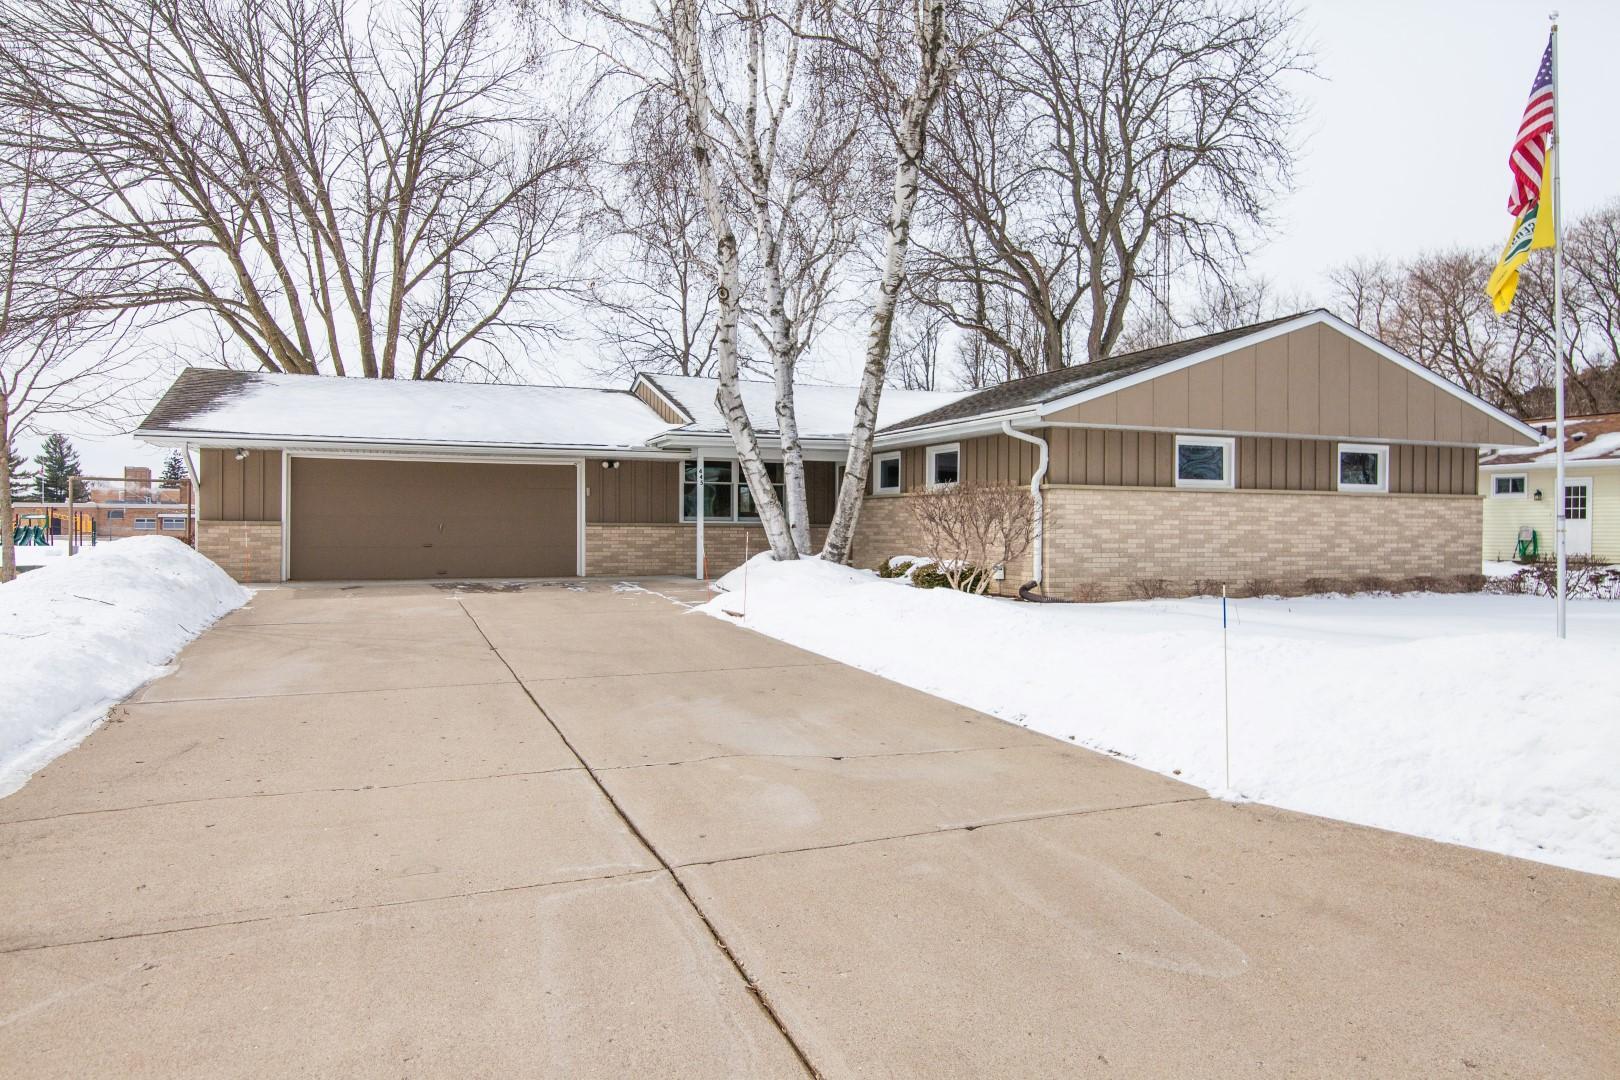 445 Harvard St, Oconomowoc, Wisconsin 53066, 3 Bedrooms Bedrooms, 7 Rooms Rooms,2 BathroomsBathrooms,Single-Family,For Sale,Harvard St,1624439